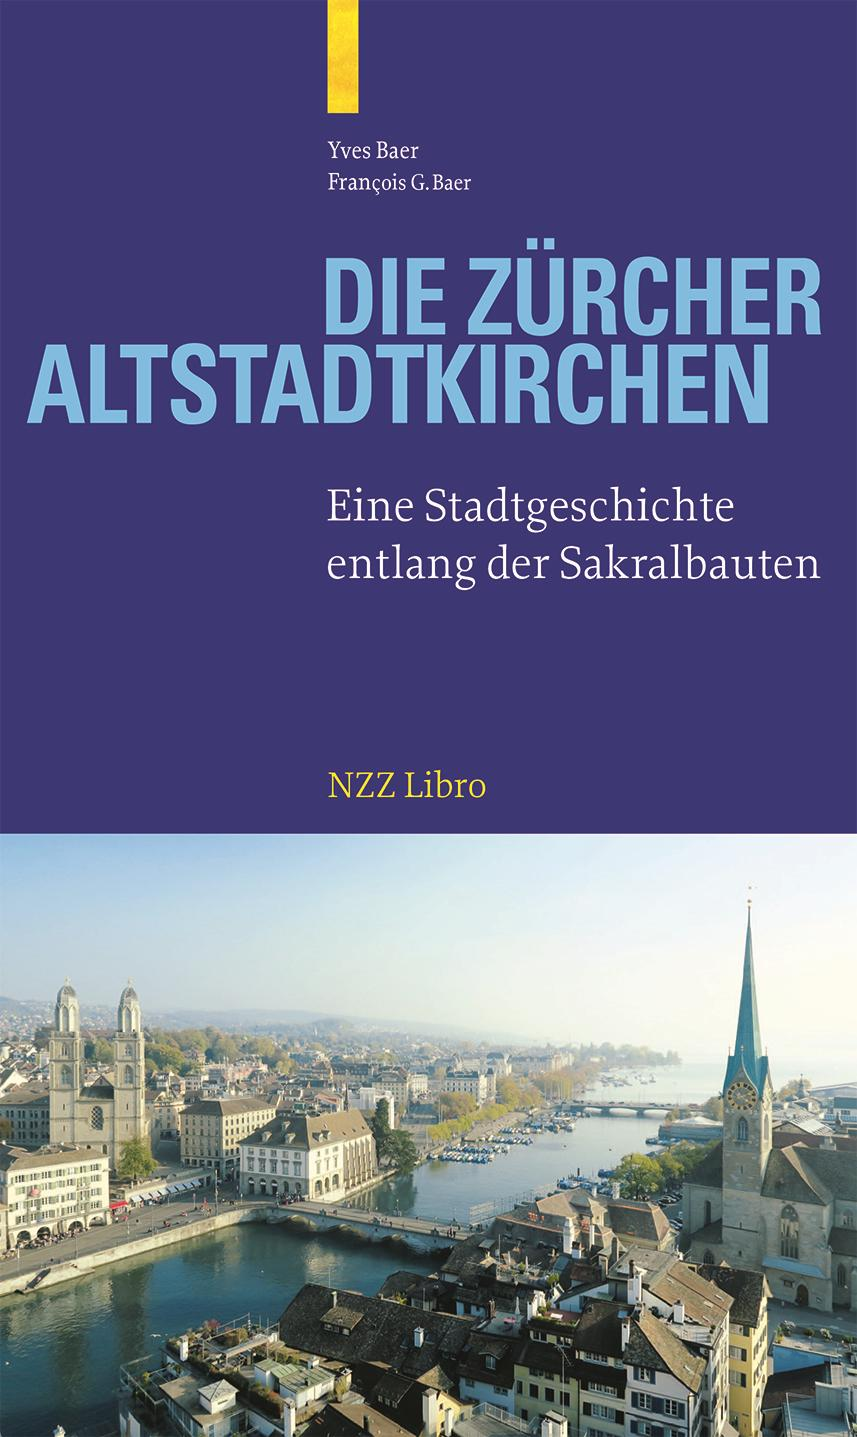 «Die Zürcher Altstadtkirchen», Yves und François G. Baer, Basel 2019, Signatur: 2019 B 12043